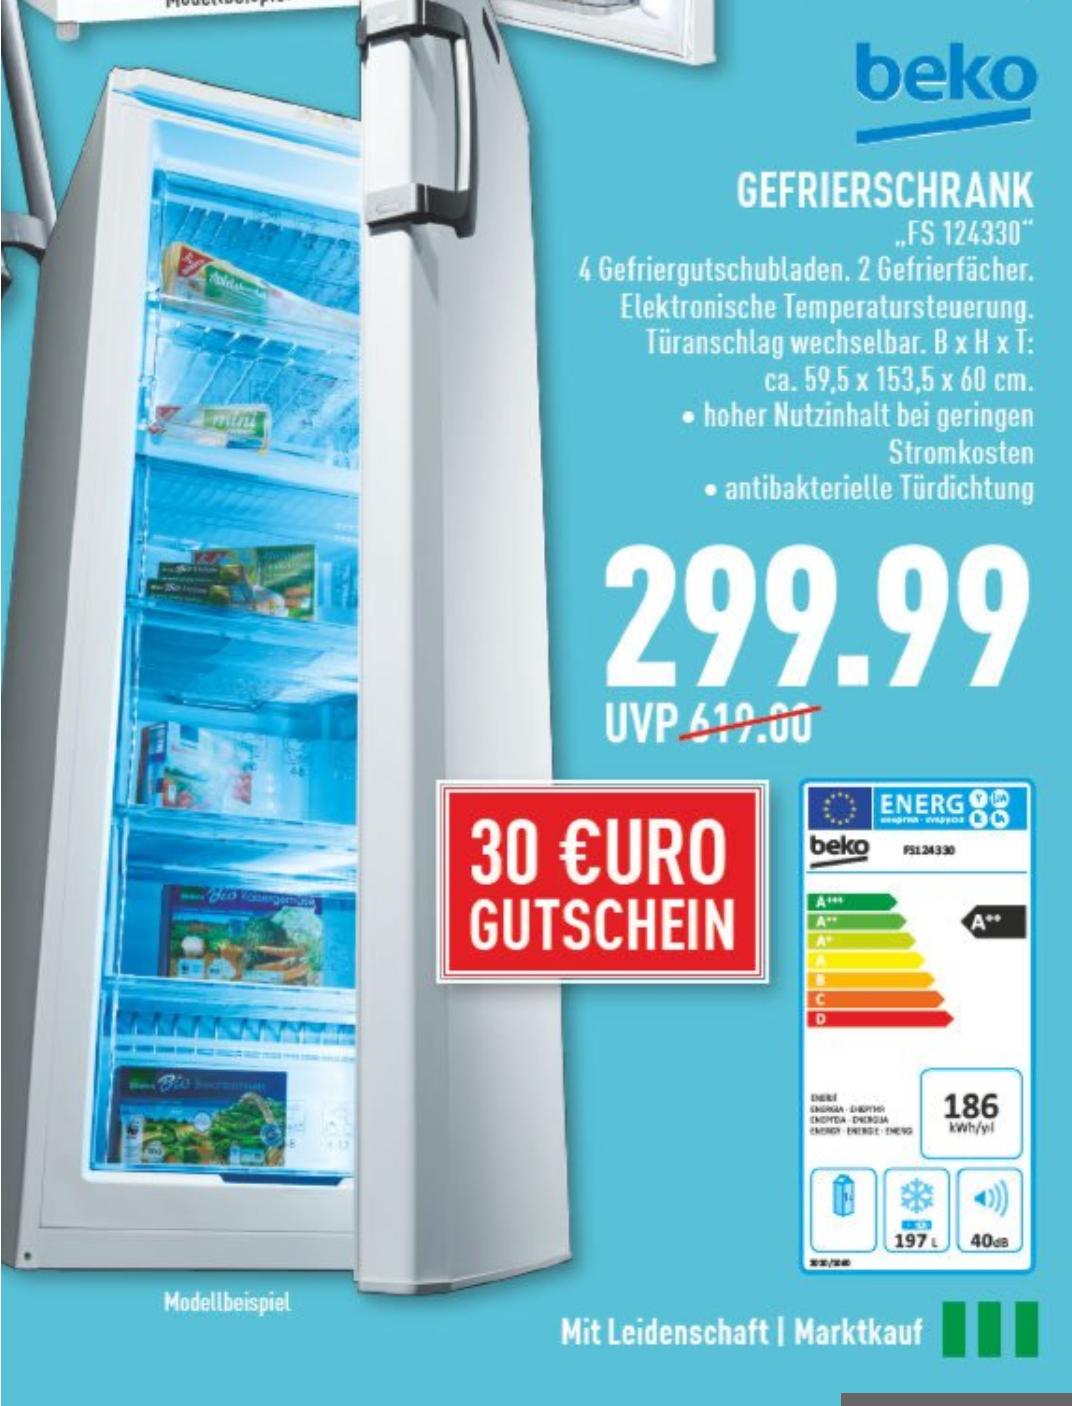 [Marktkauf] Beko Gefrierschrank FS124330. A++ 197 Liter. 299.00€ + zusätzlich 30€ Einkaufsgutschein